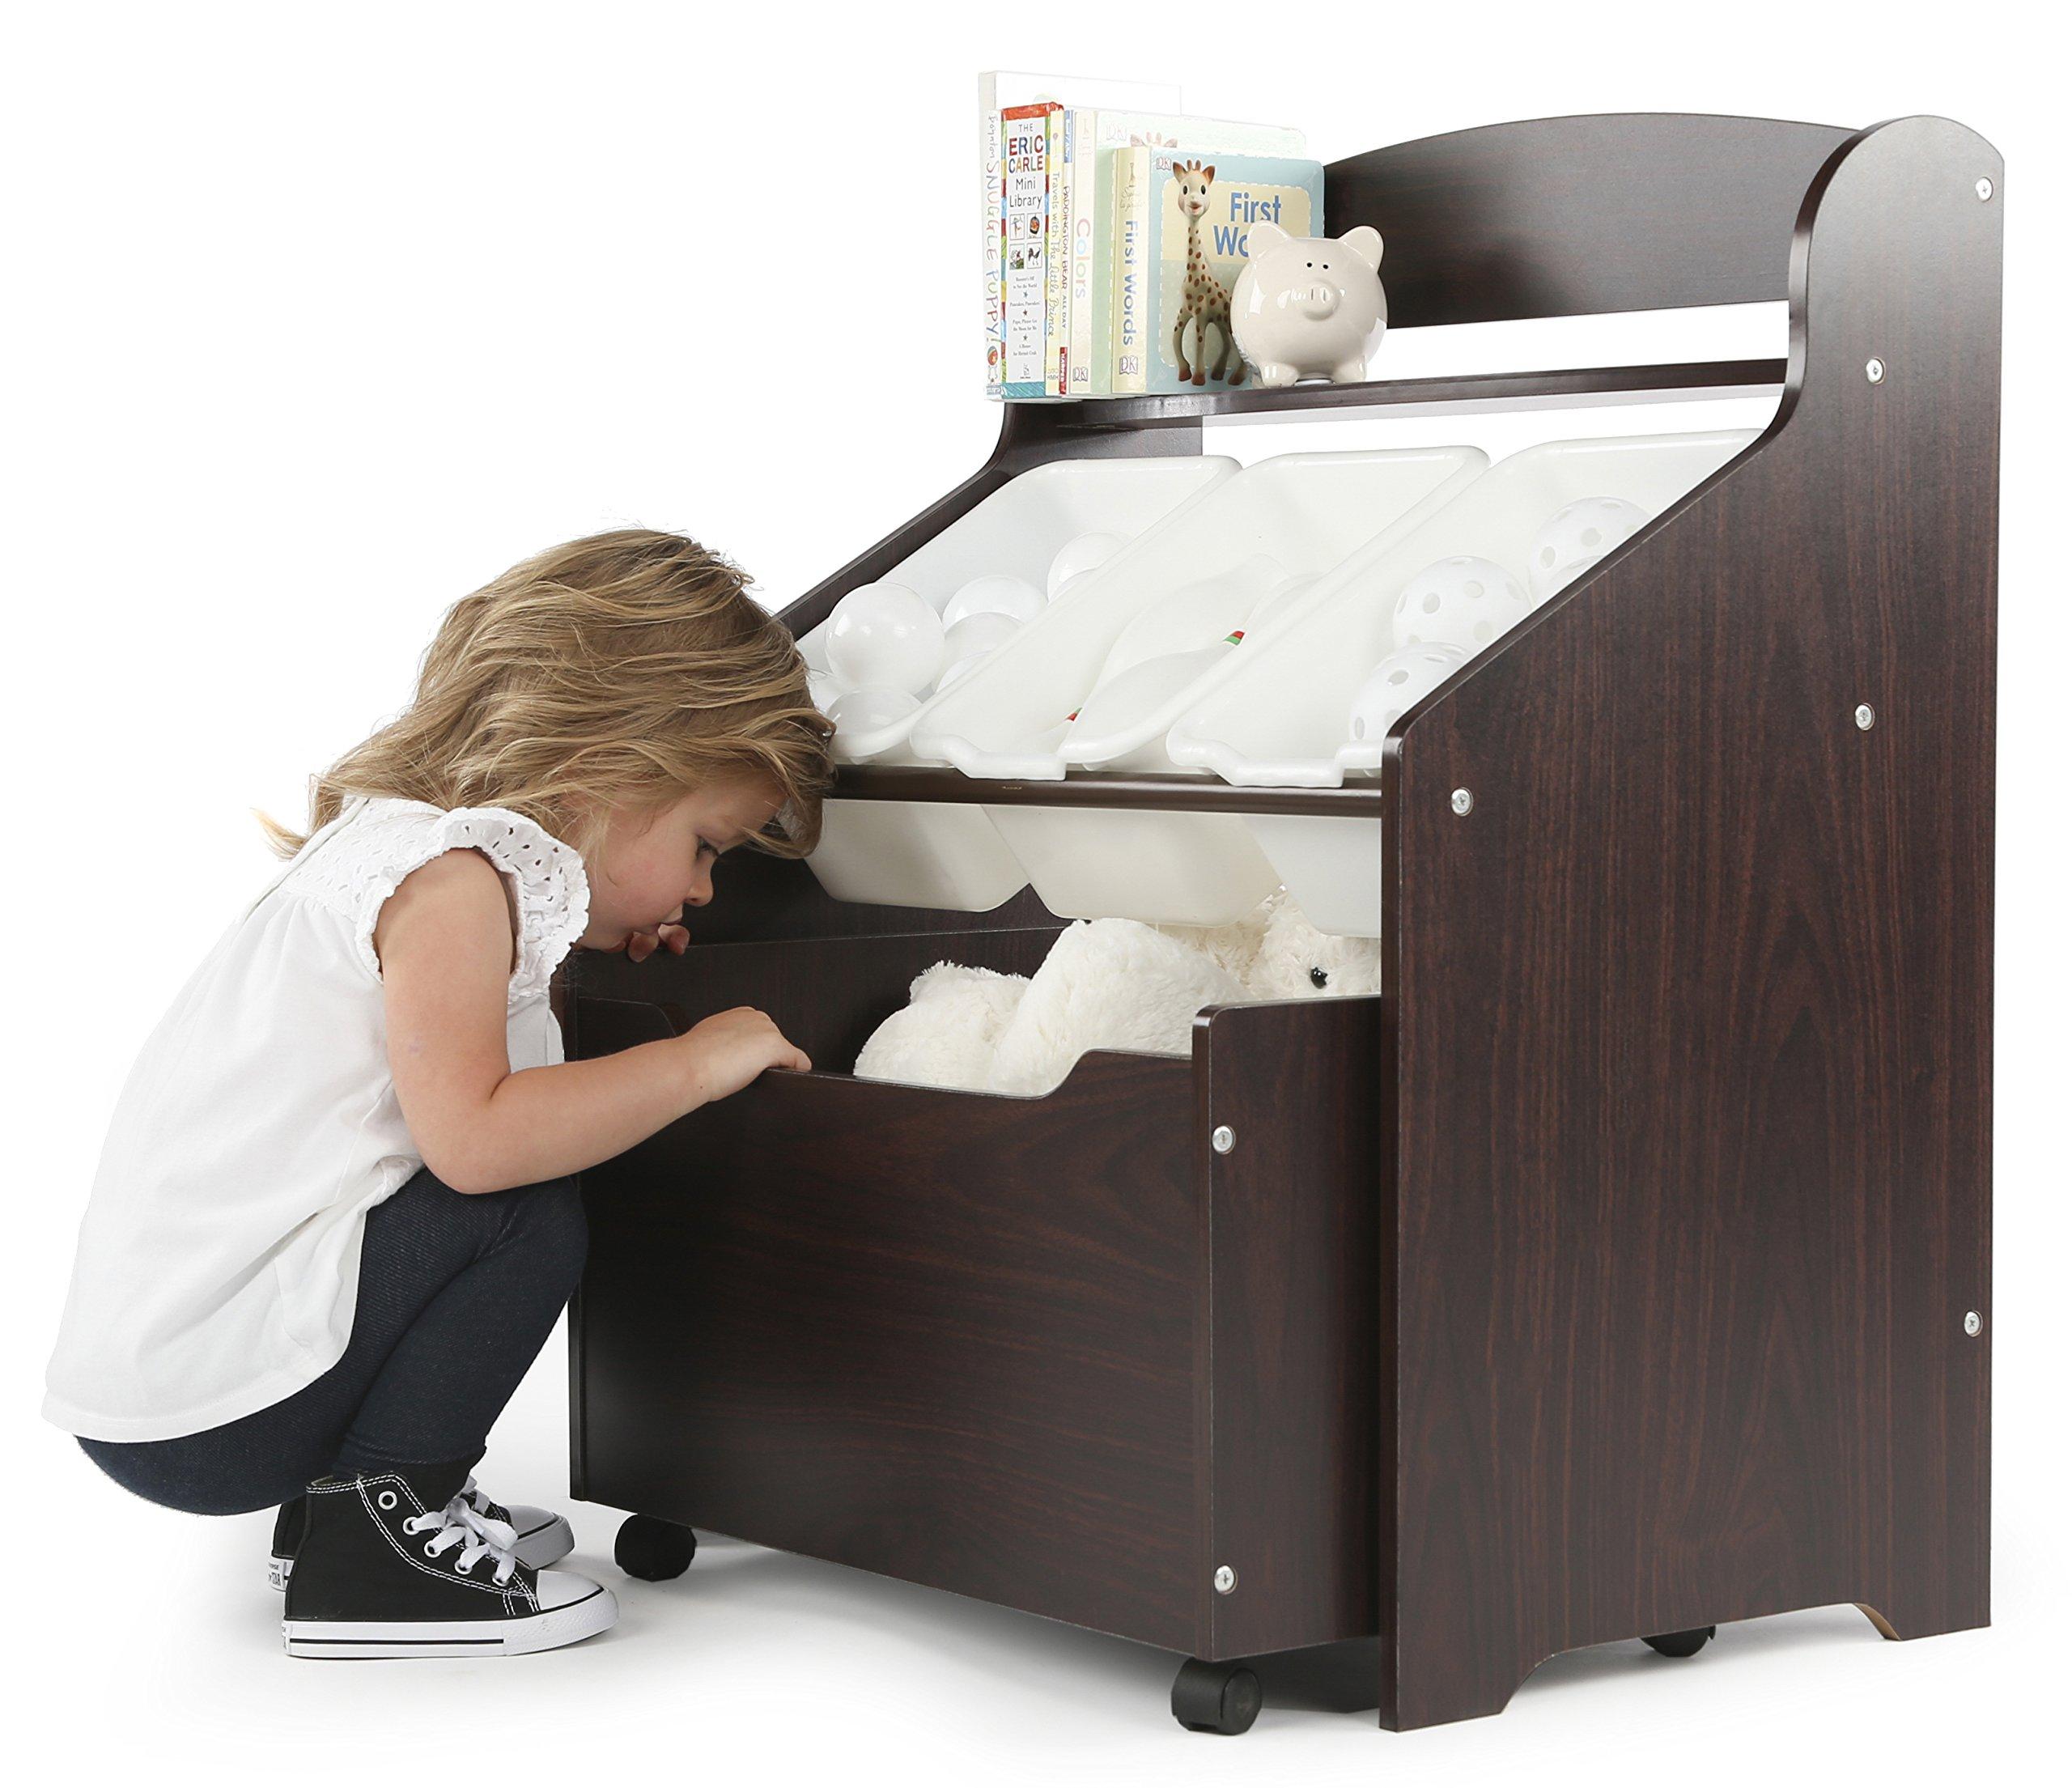 Tot Tutors Kids Store All Unit Espresso Finish Tb818 Storage